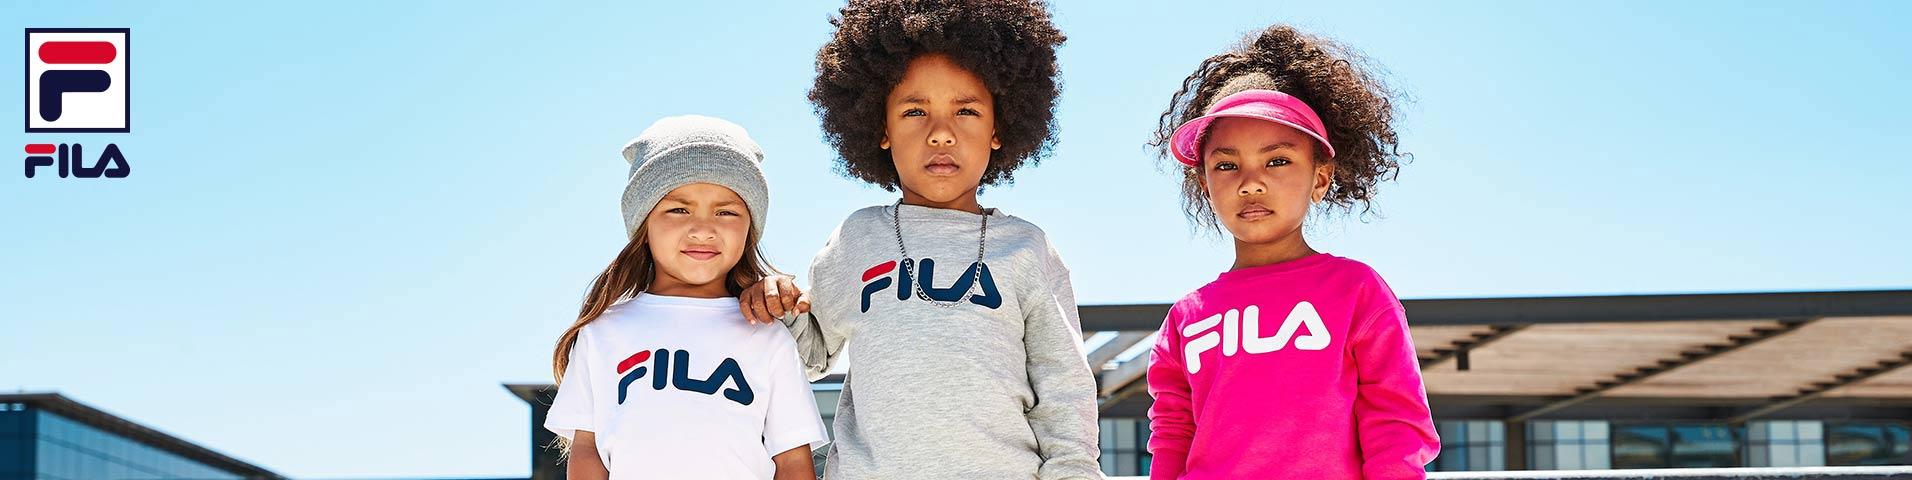 Sneakers per bambini Fila | La nuova collezione su Zalando